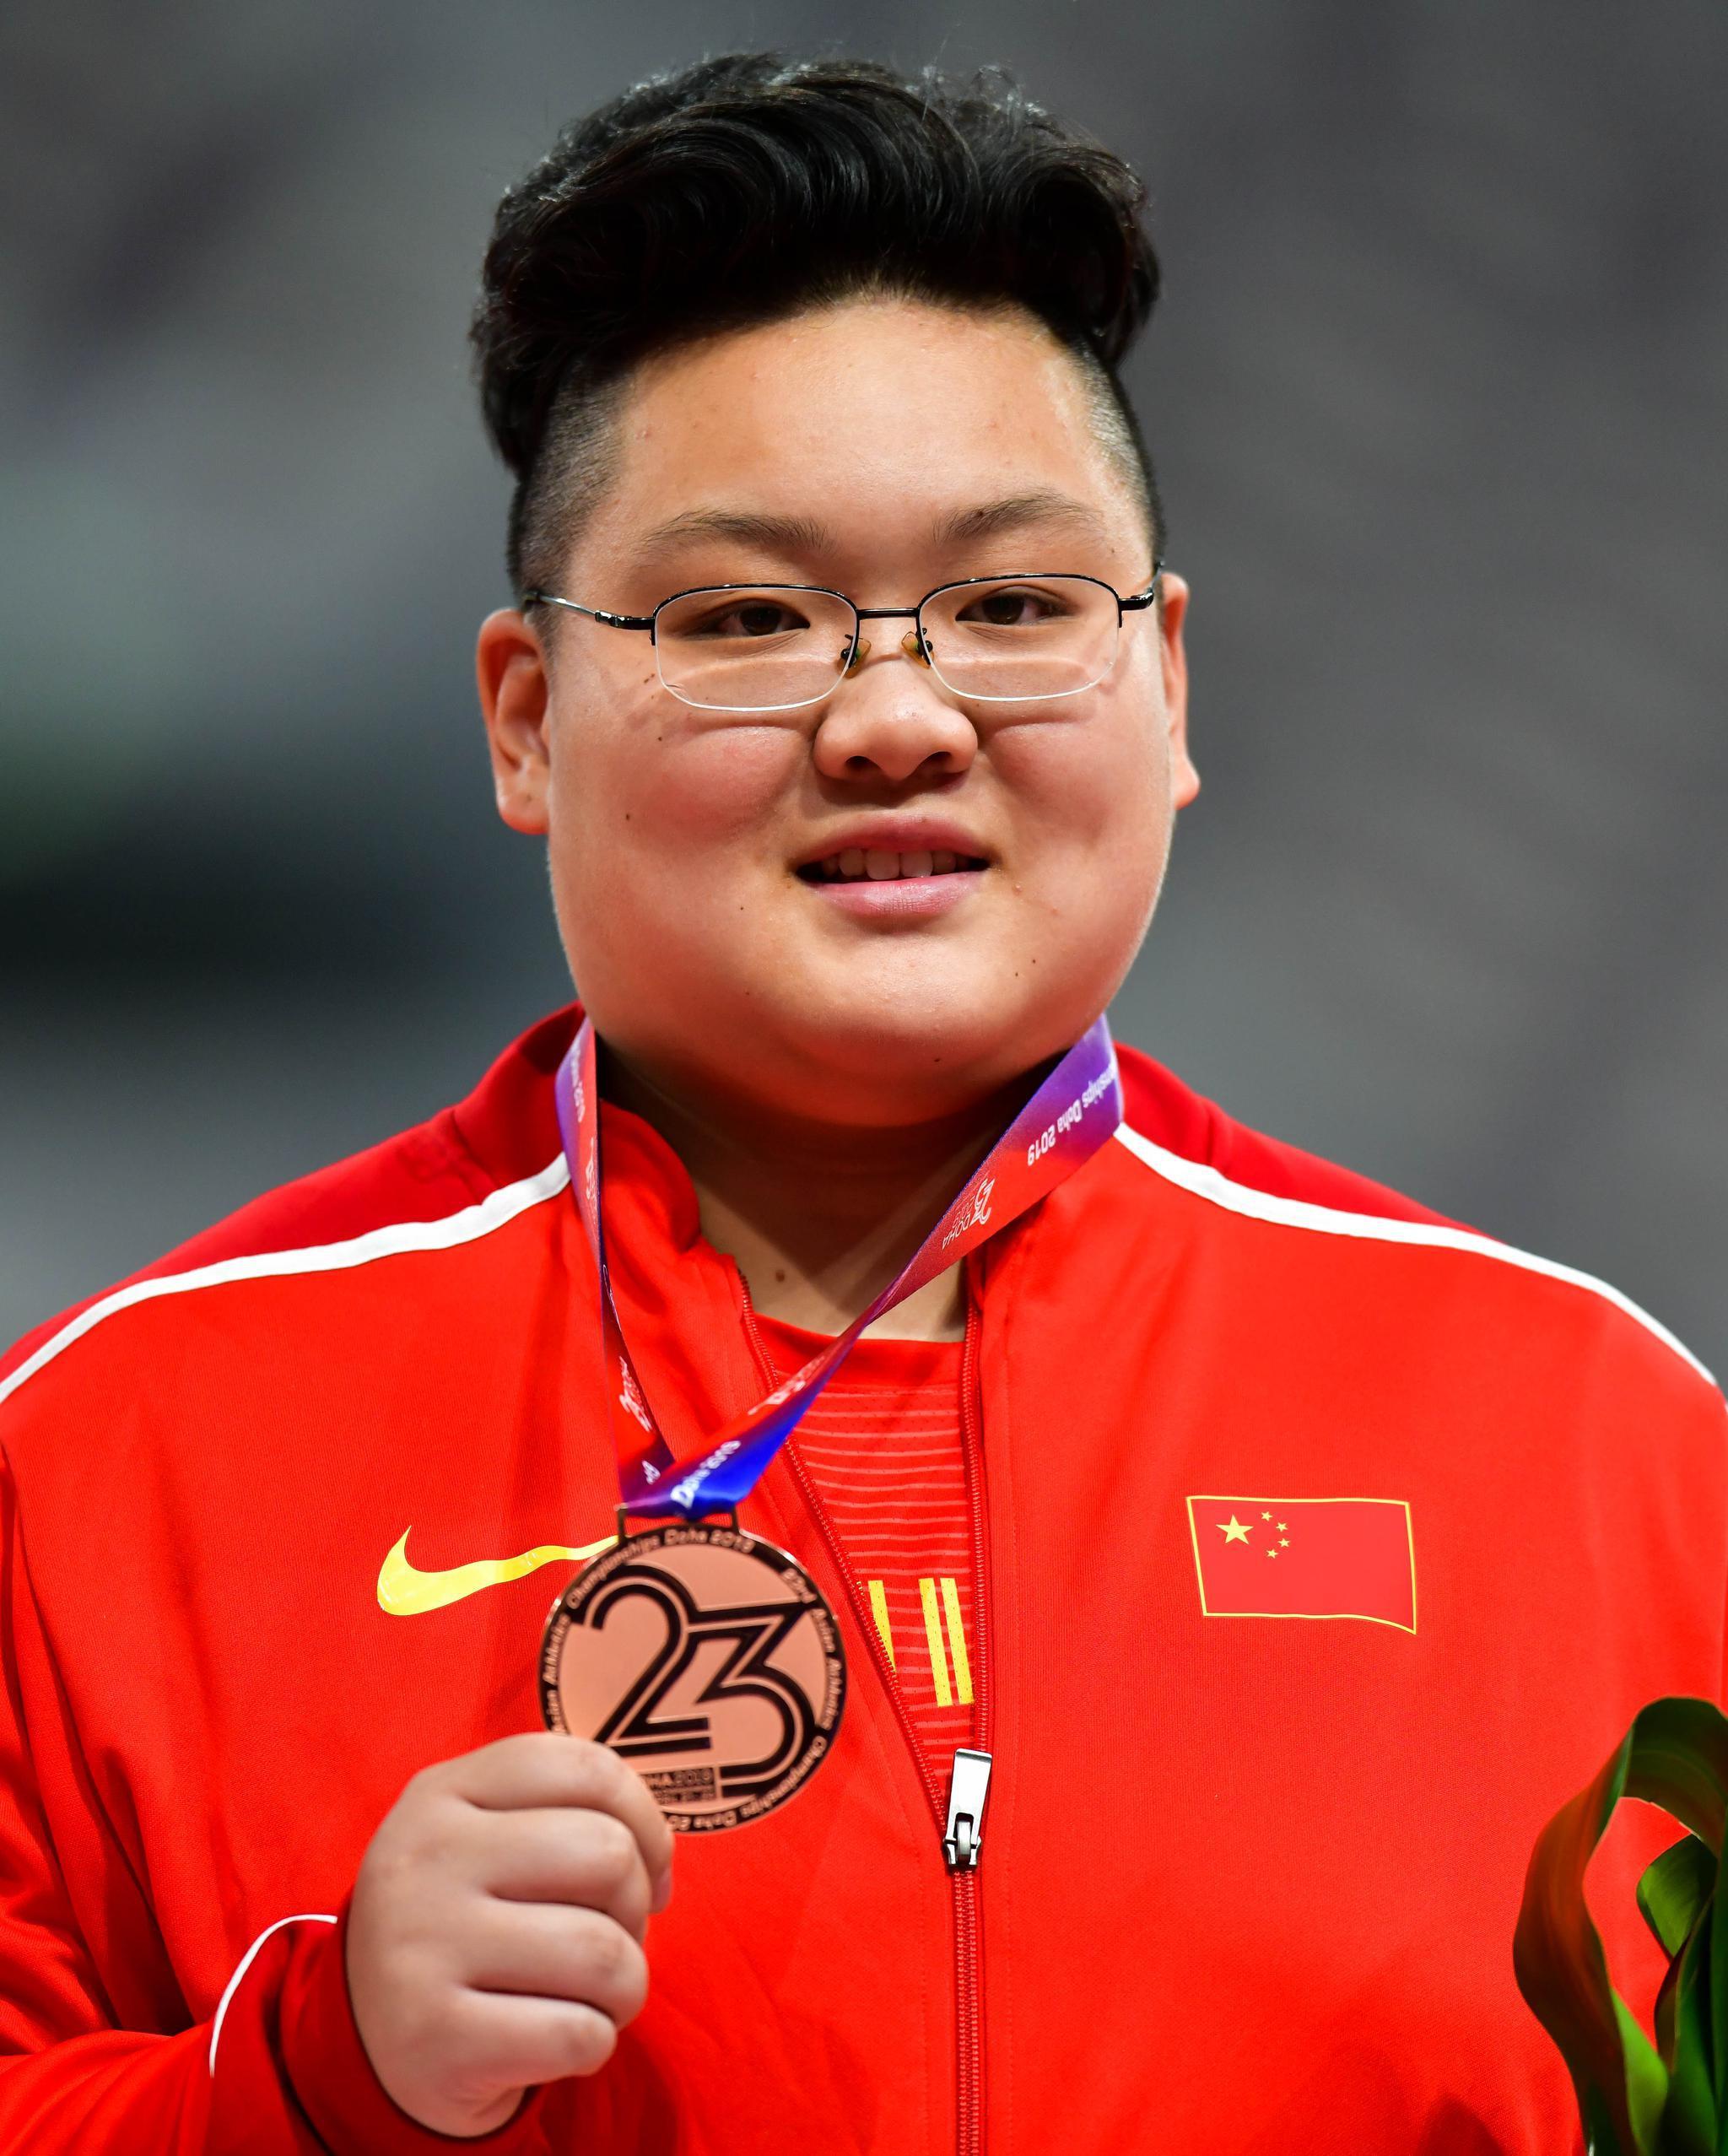 19米32,铅球女王巩立姣喜迎接班人 23岁名将首破19米排世界第三